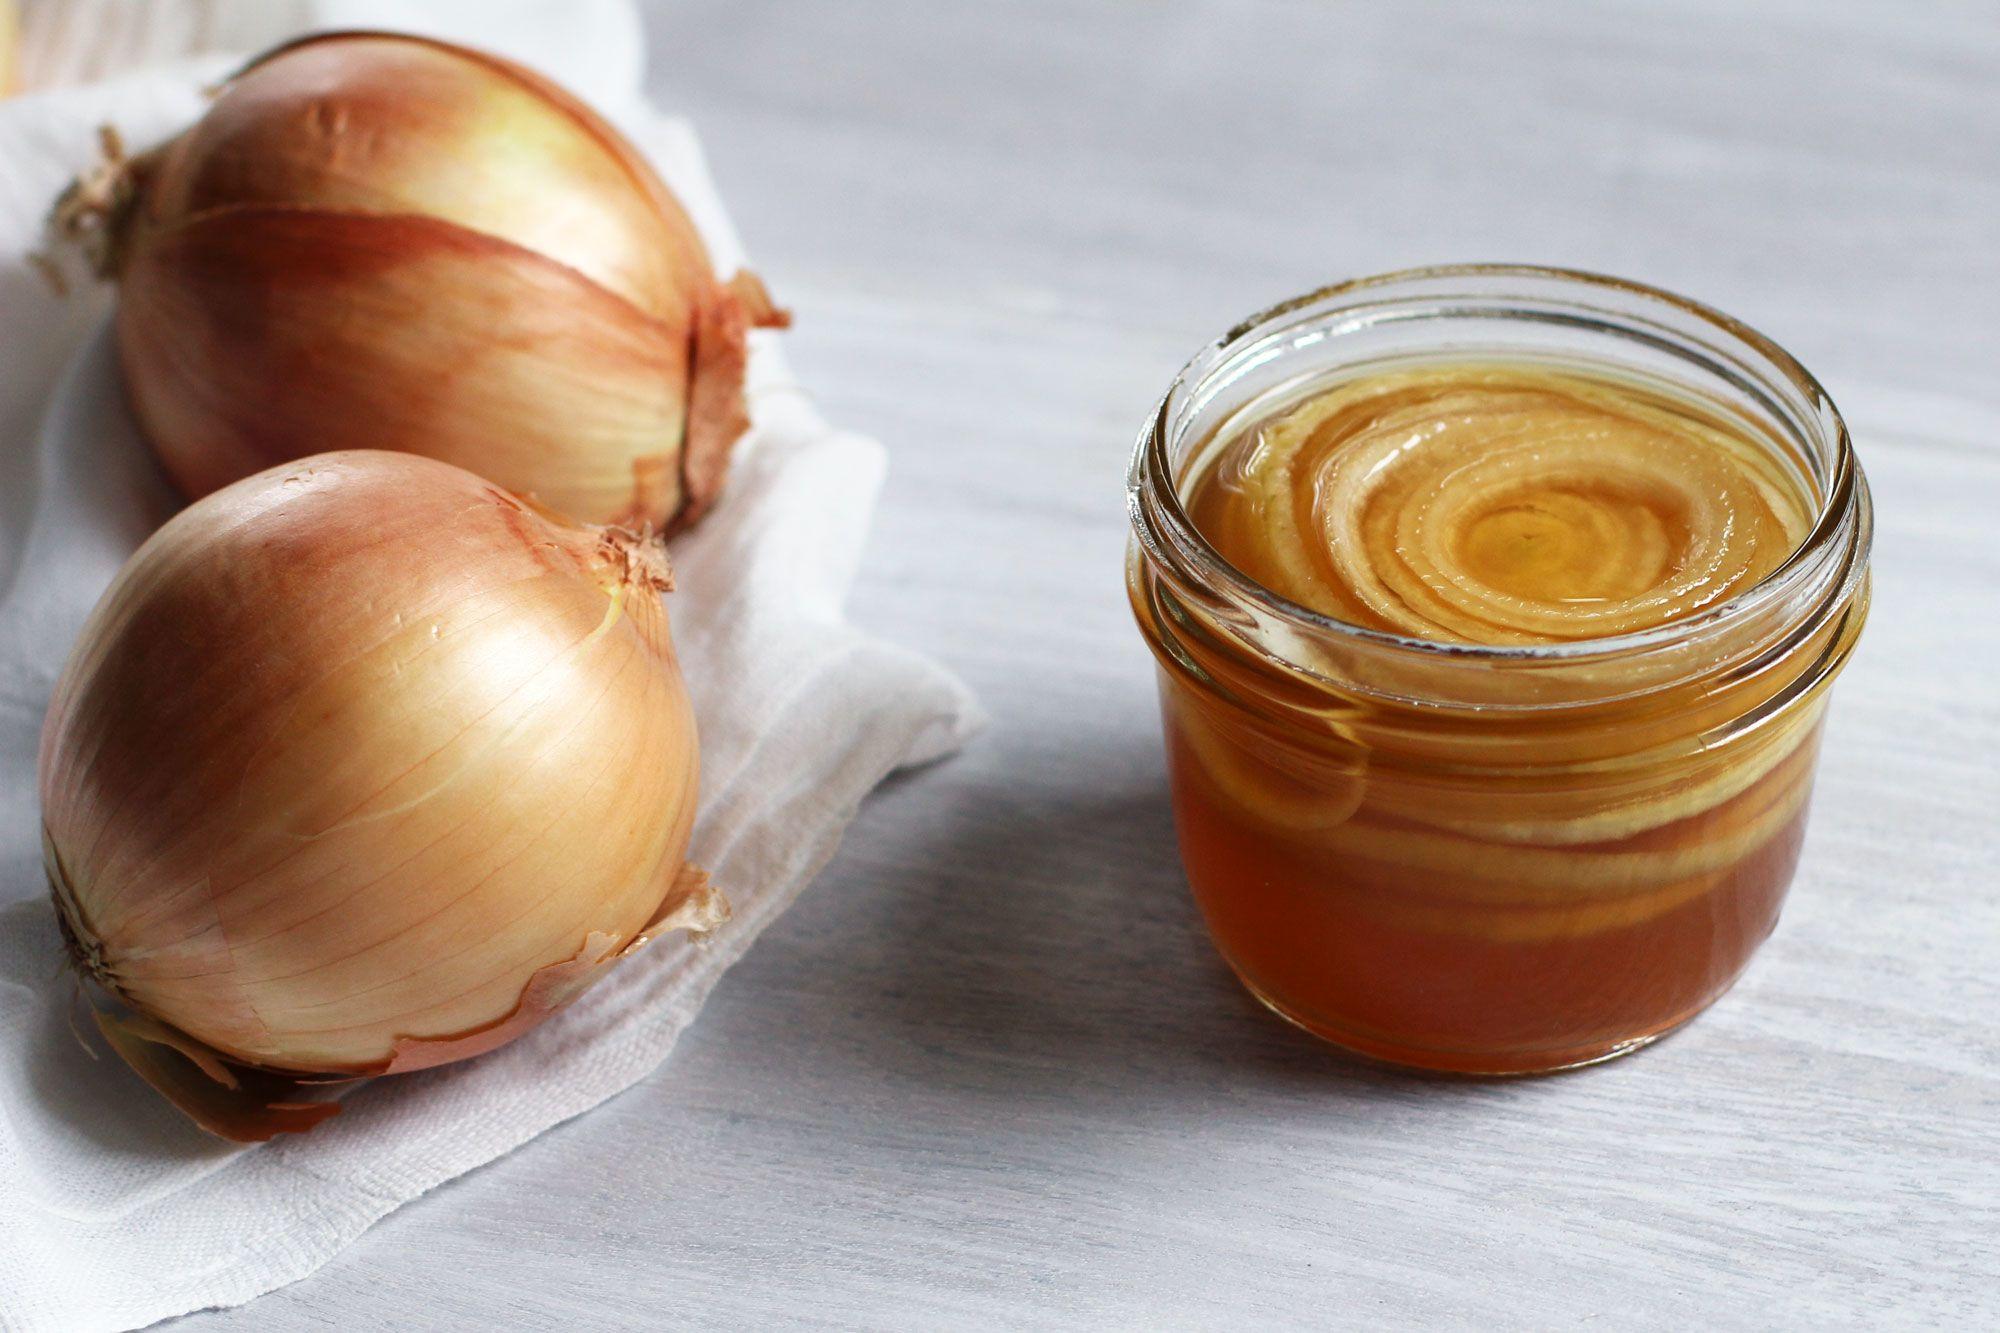 2. Bawang putih dapat jadi obat batuk alami